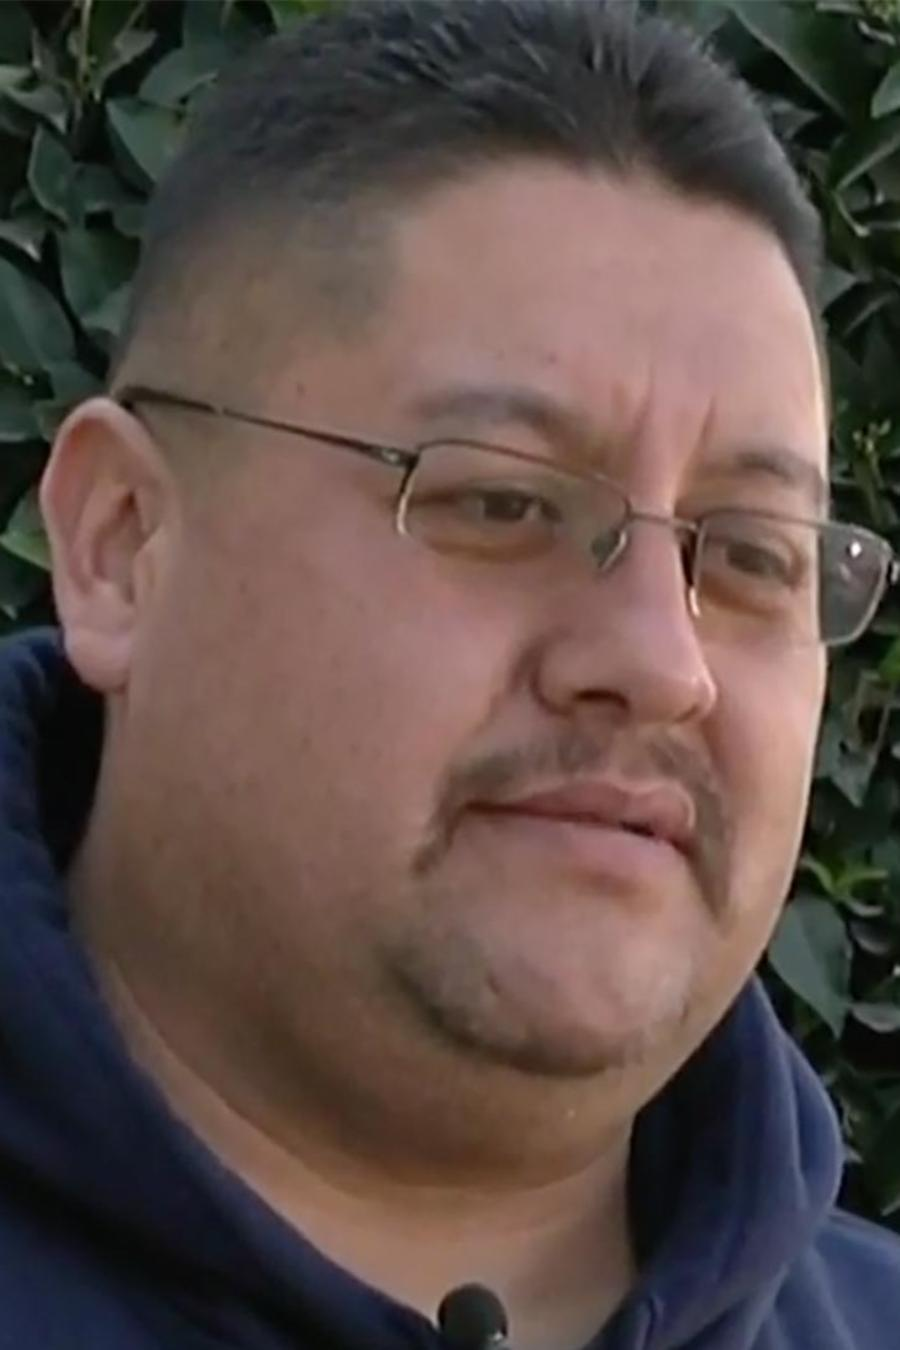 Un mexicano fue deportado después de vivir y trabajar por más de 30 años en Estados Unidos